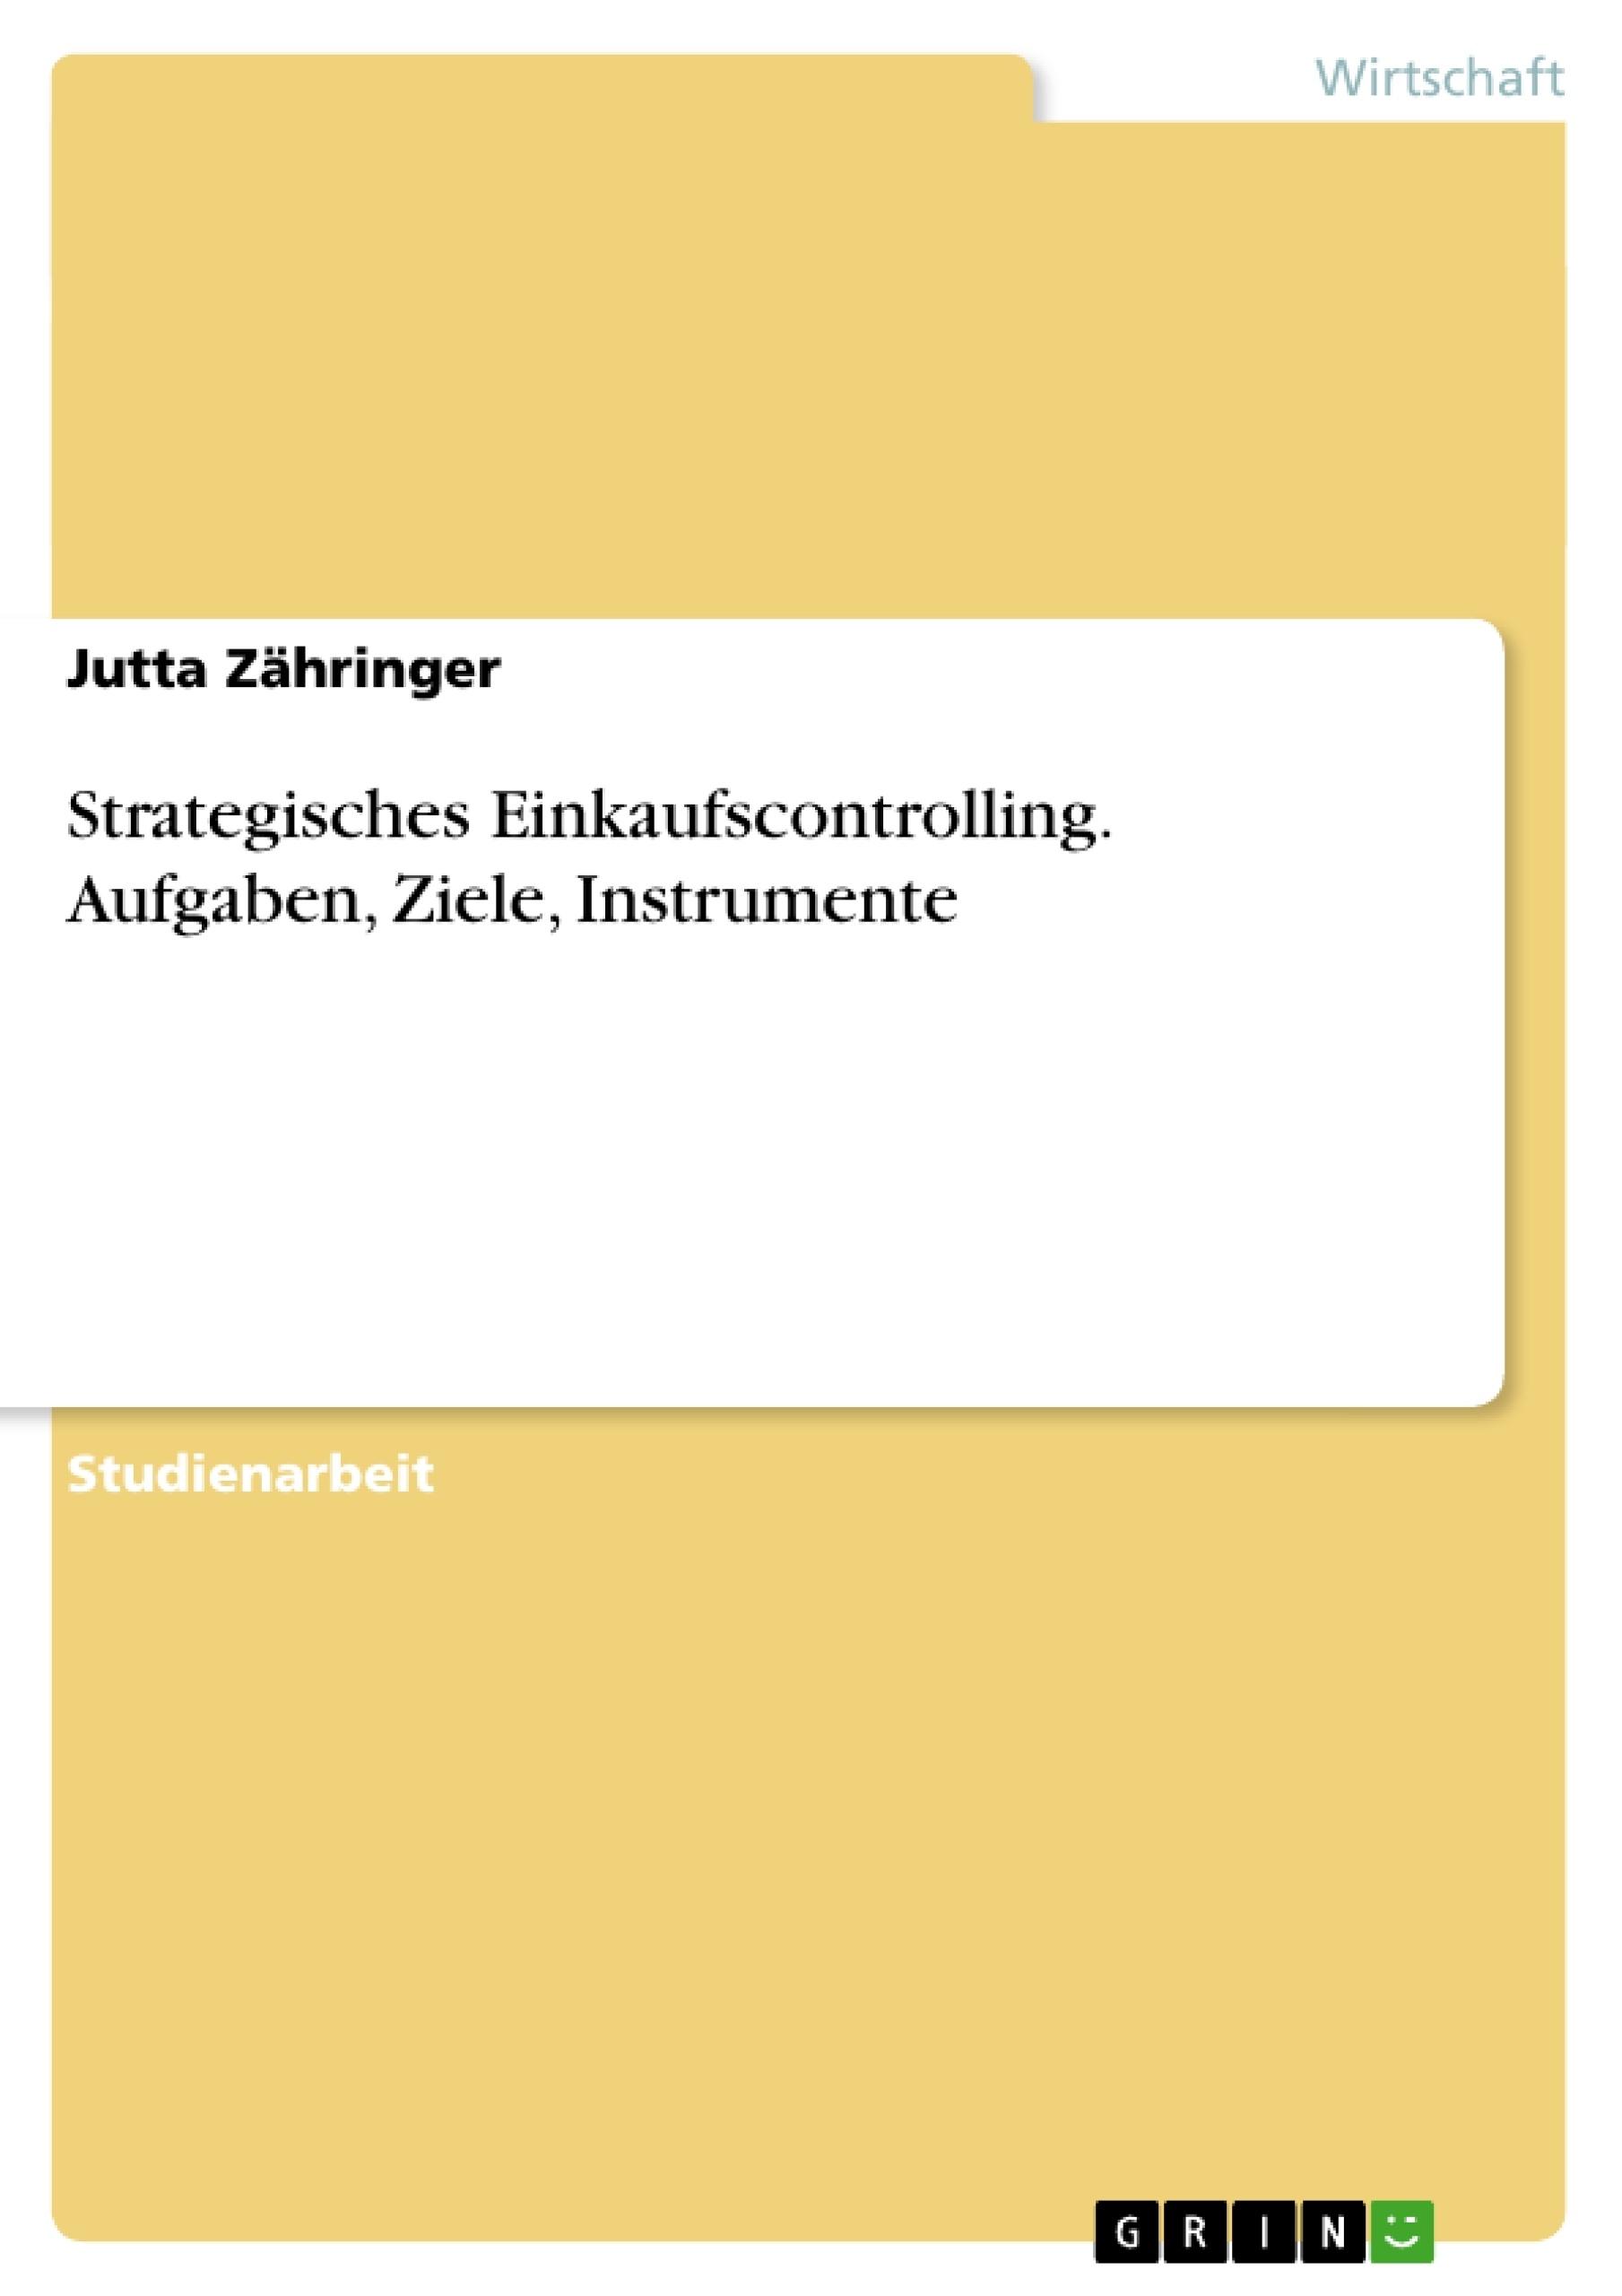 Titel: Strategisches Einkaufscontrolling. Aufgaben, Ziele, Instrumente